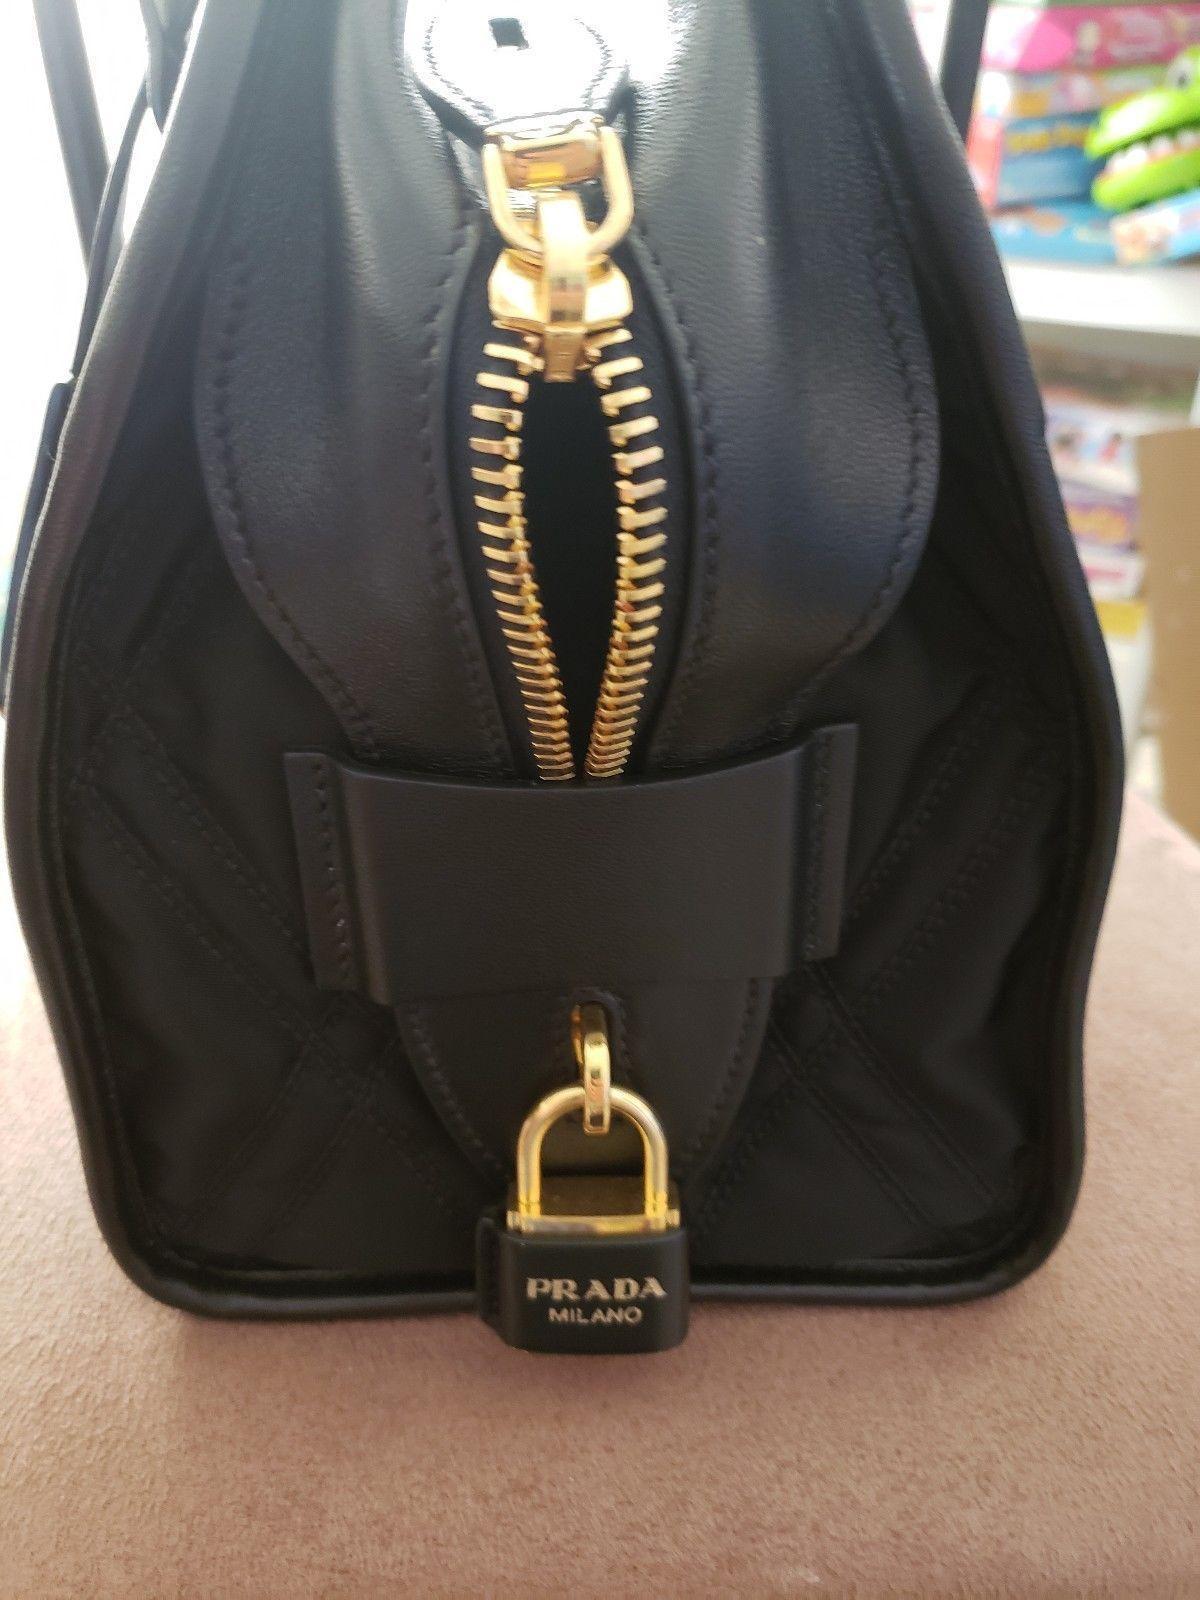 86a6eeae5da3 Authentic prada handbag new without tags  575.0